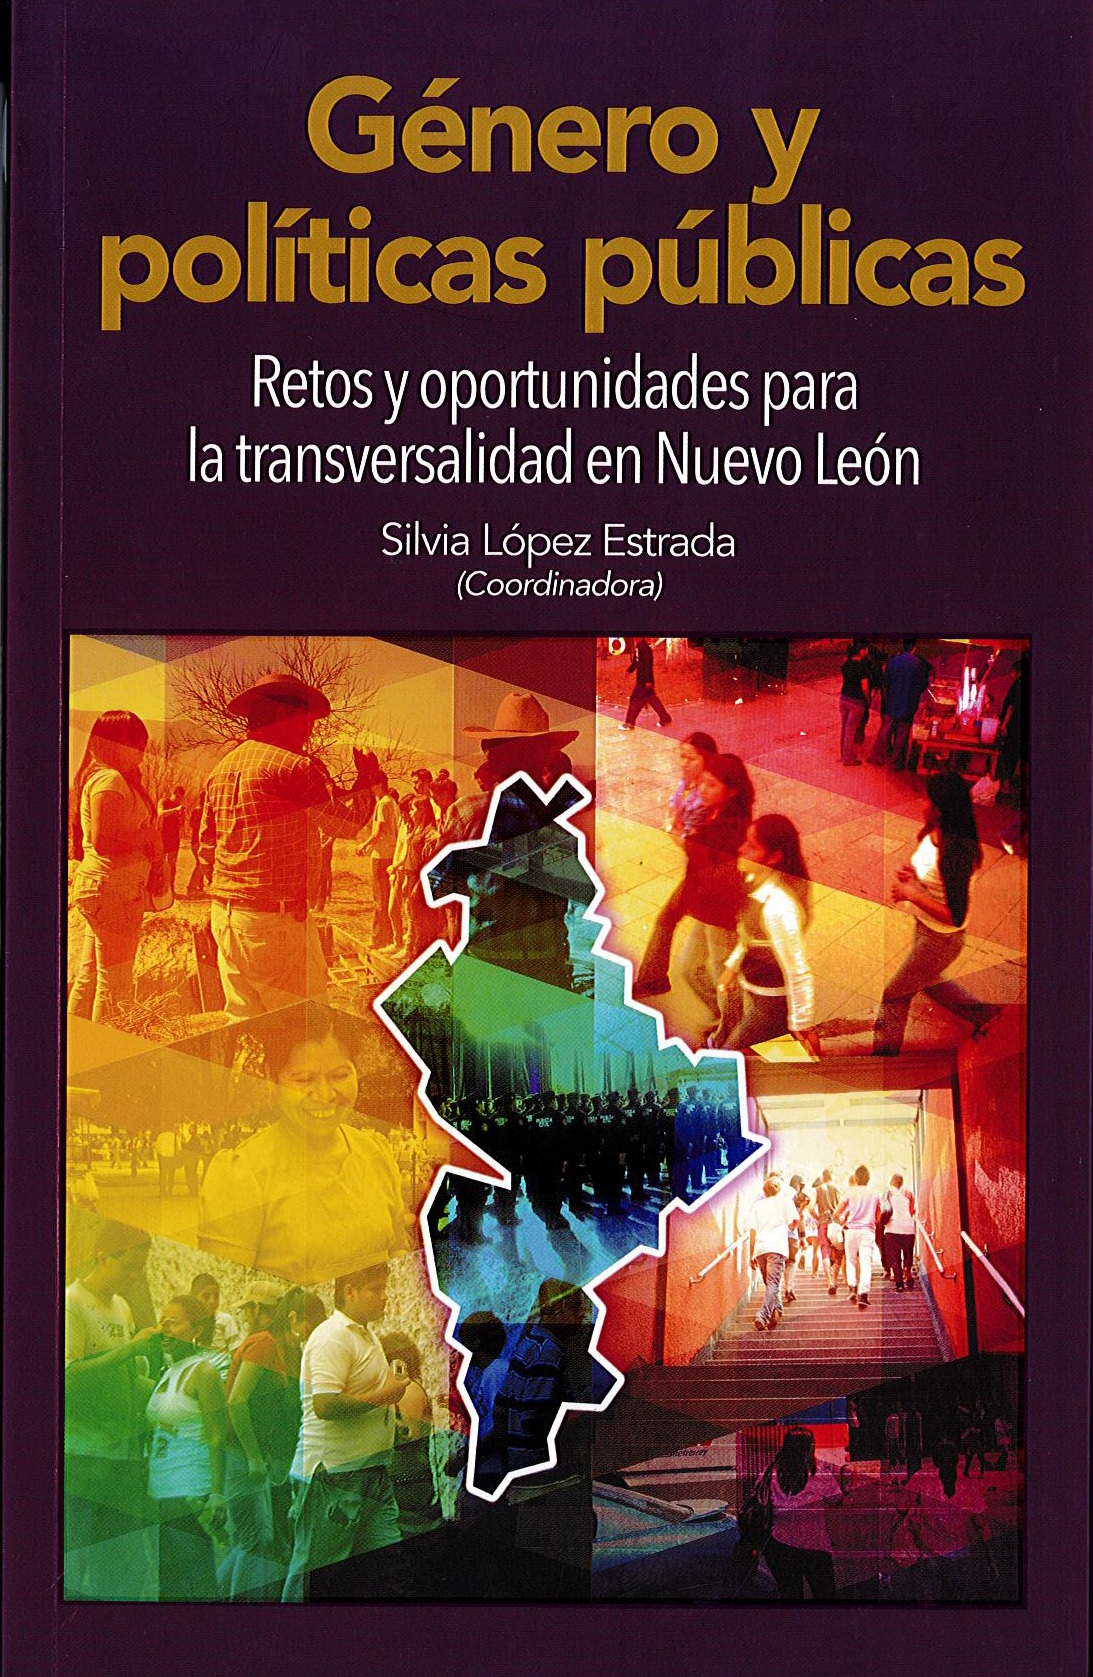 Portada de Género y políticas públicas. Retos y oportunidades para transversalidad en Nuevo León